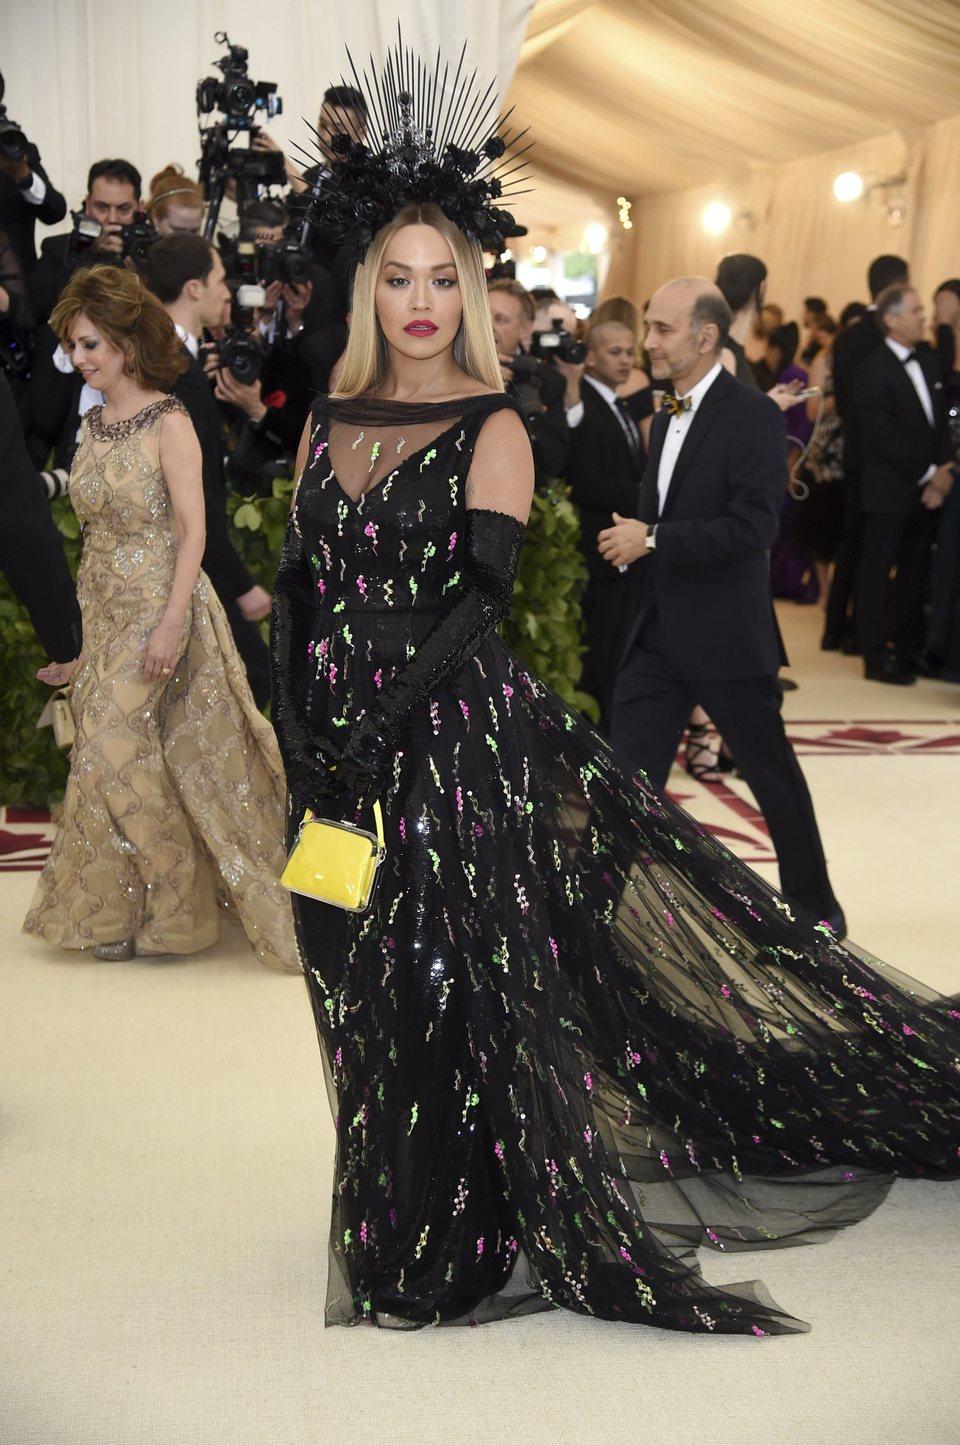 Rita Ora at the Met Gala 2018